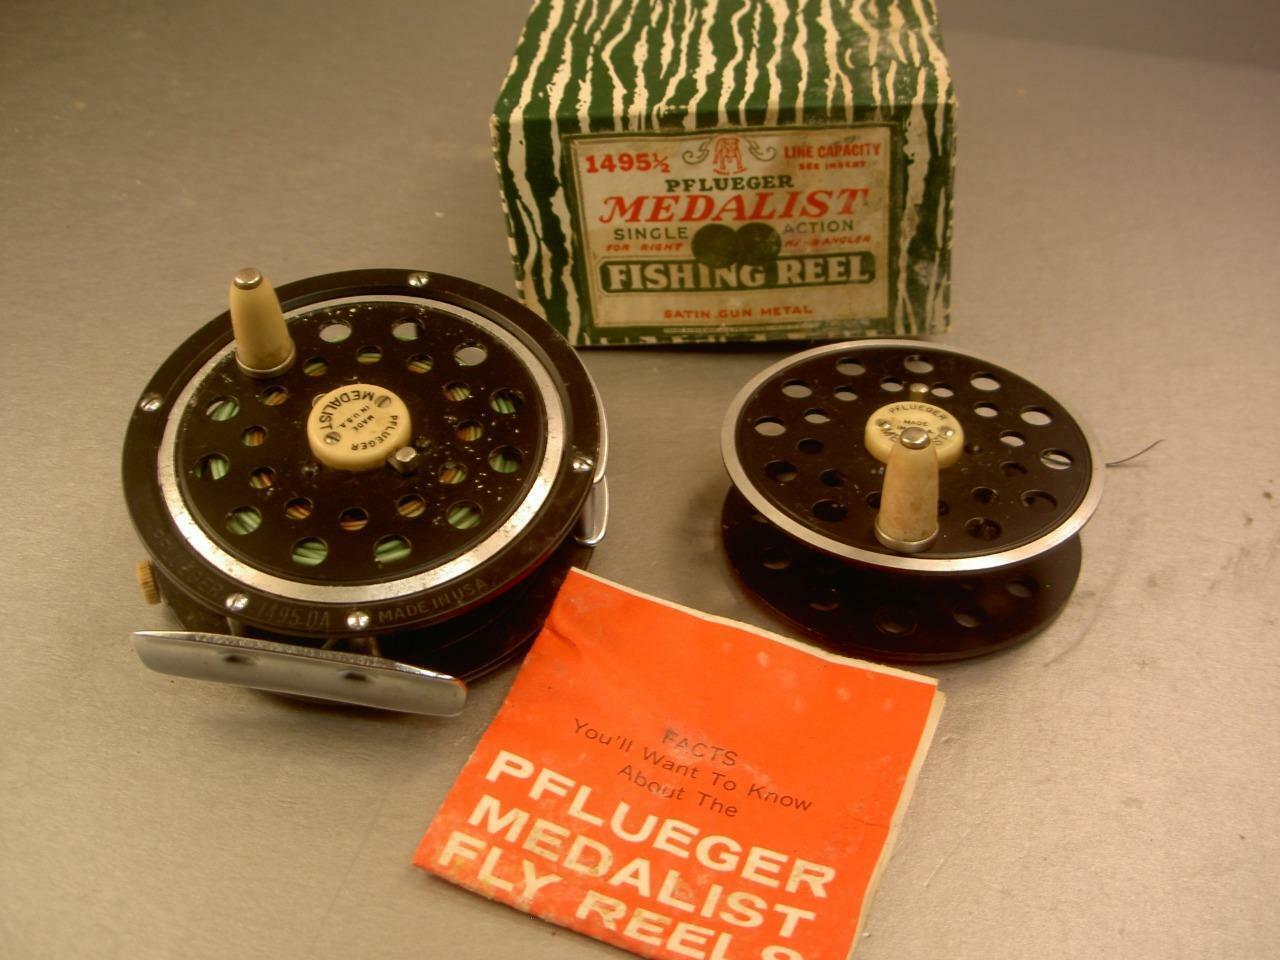 Vintage old VISSERIJREEL PFLUEGER MEDALIST 1495 1 2 BOX FLY SPOOL lokmiddel EXT